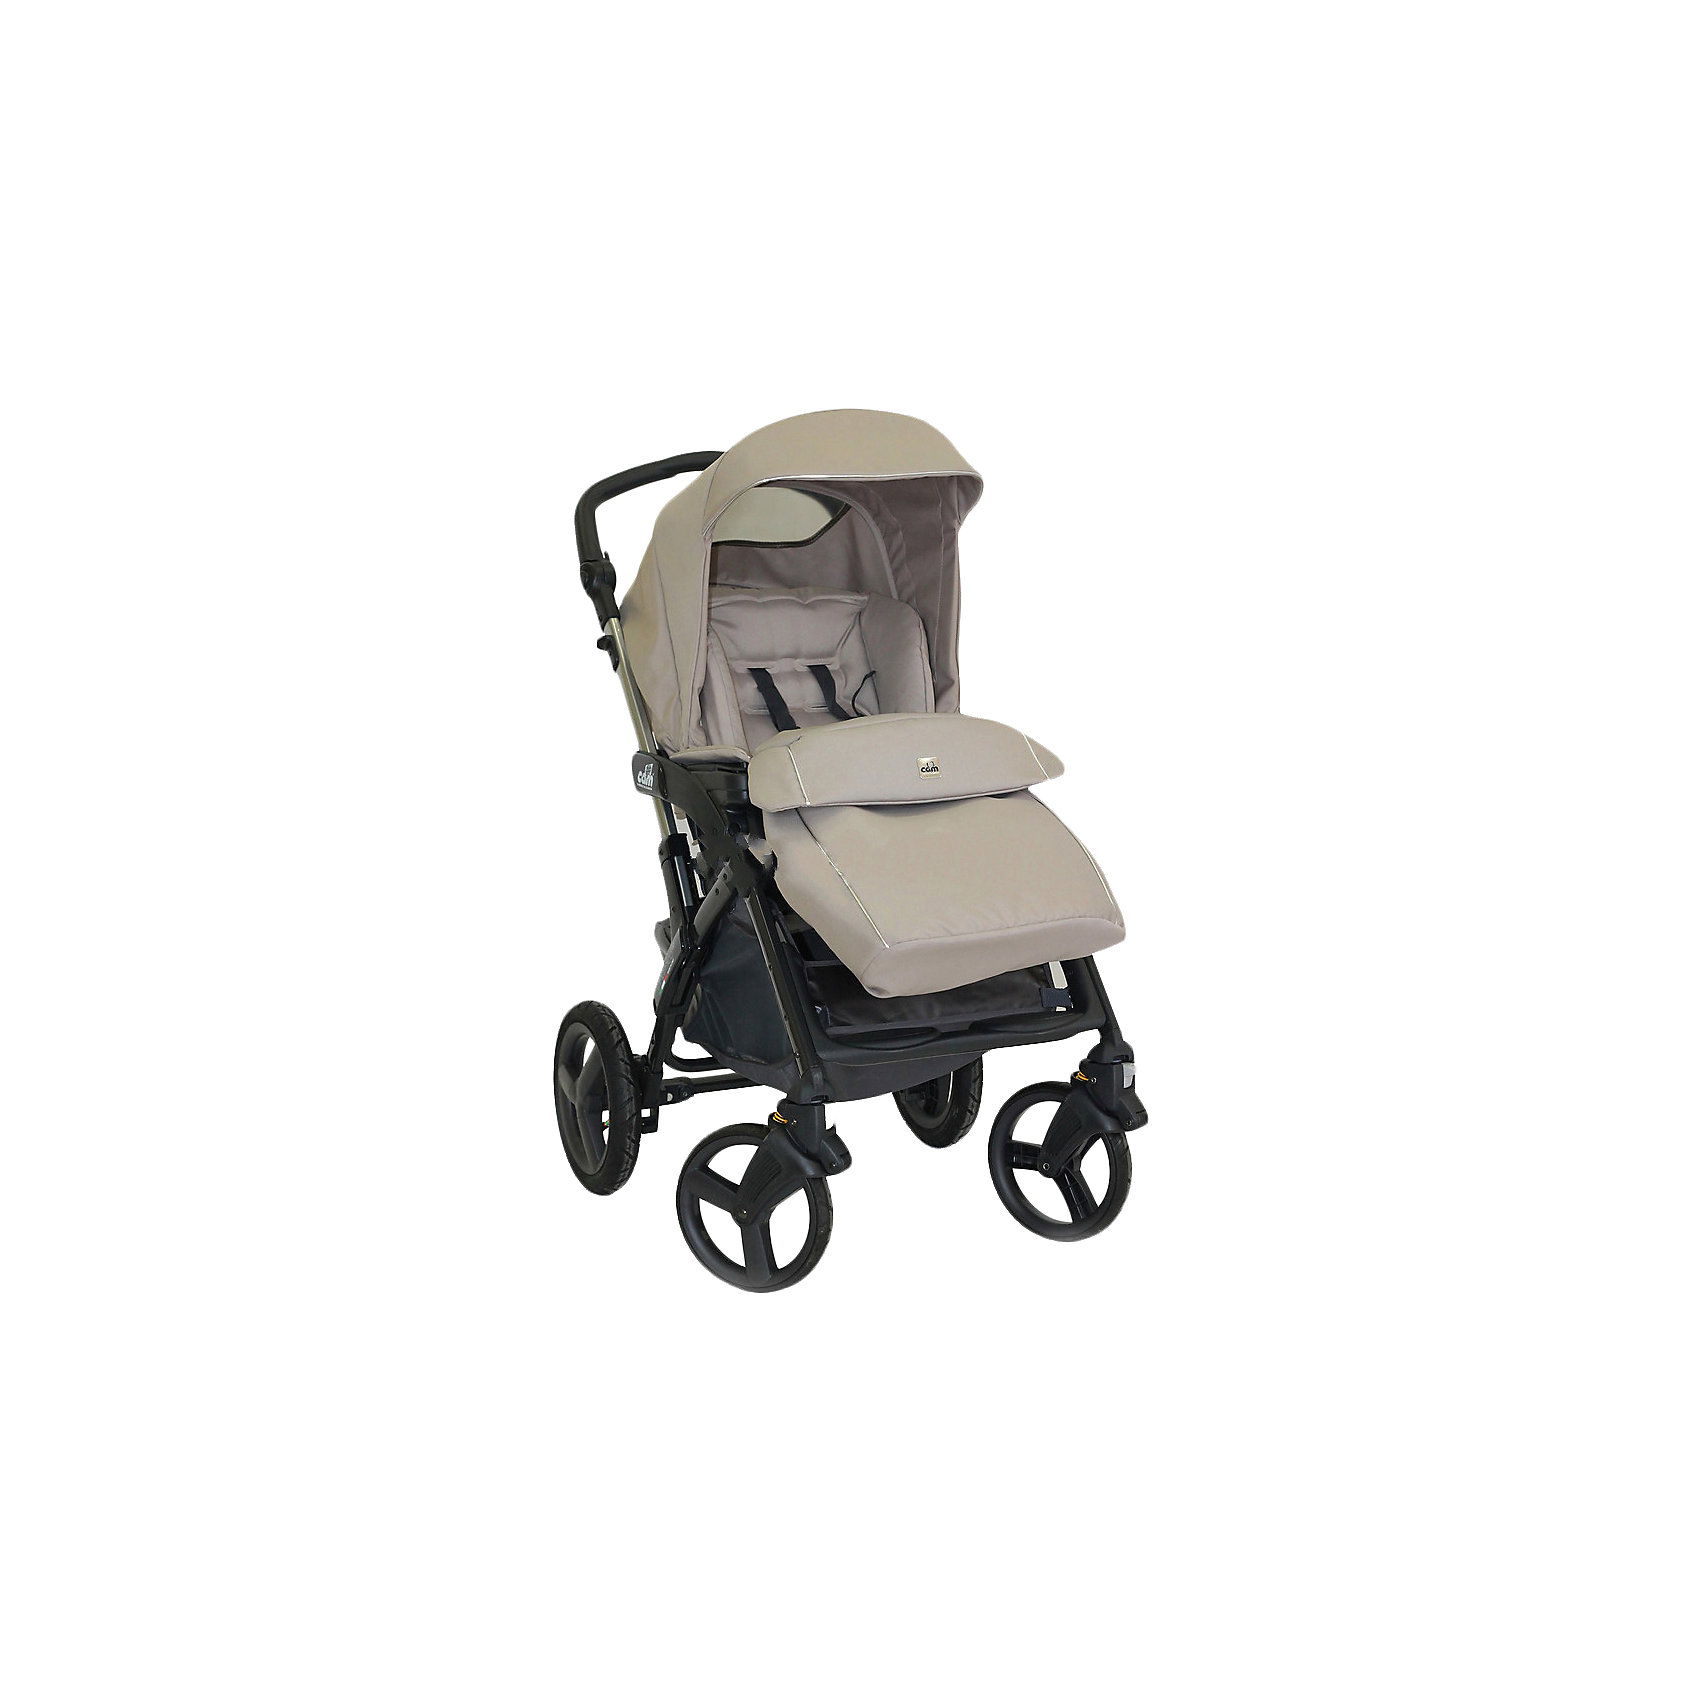 CAM Прогулочная коляска Dinamico 4S, CAM, темный крем с серебристой окантовкой